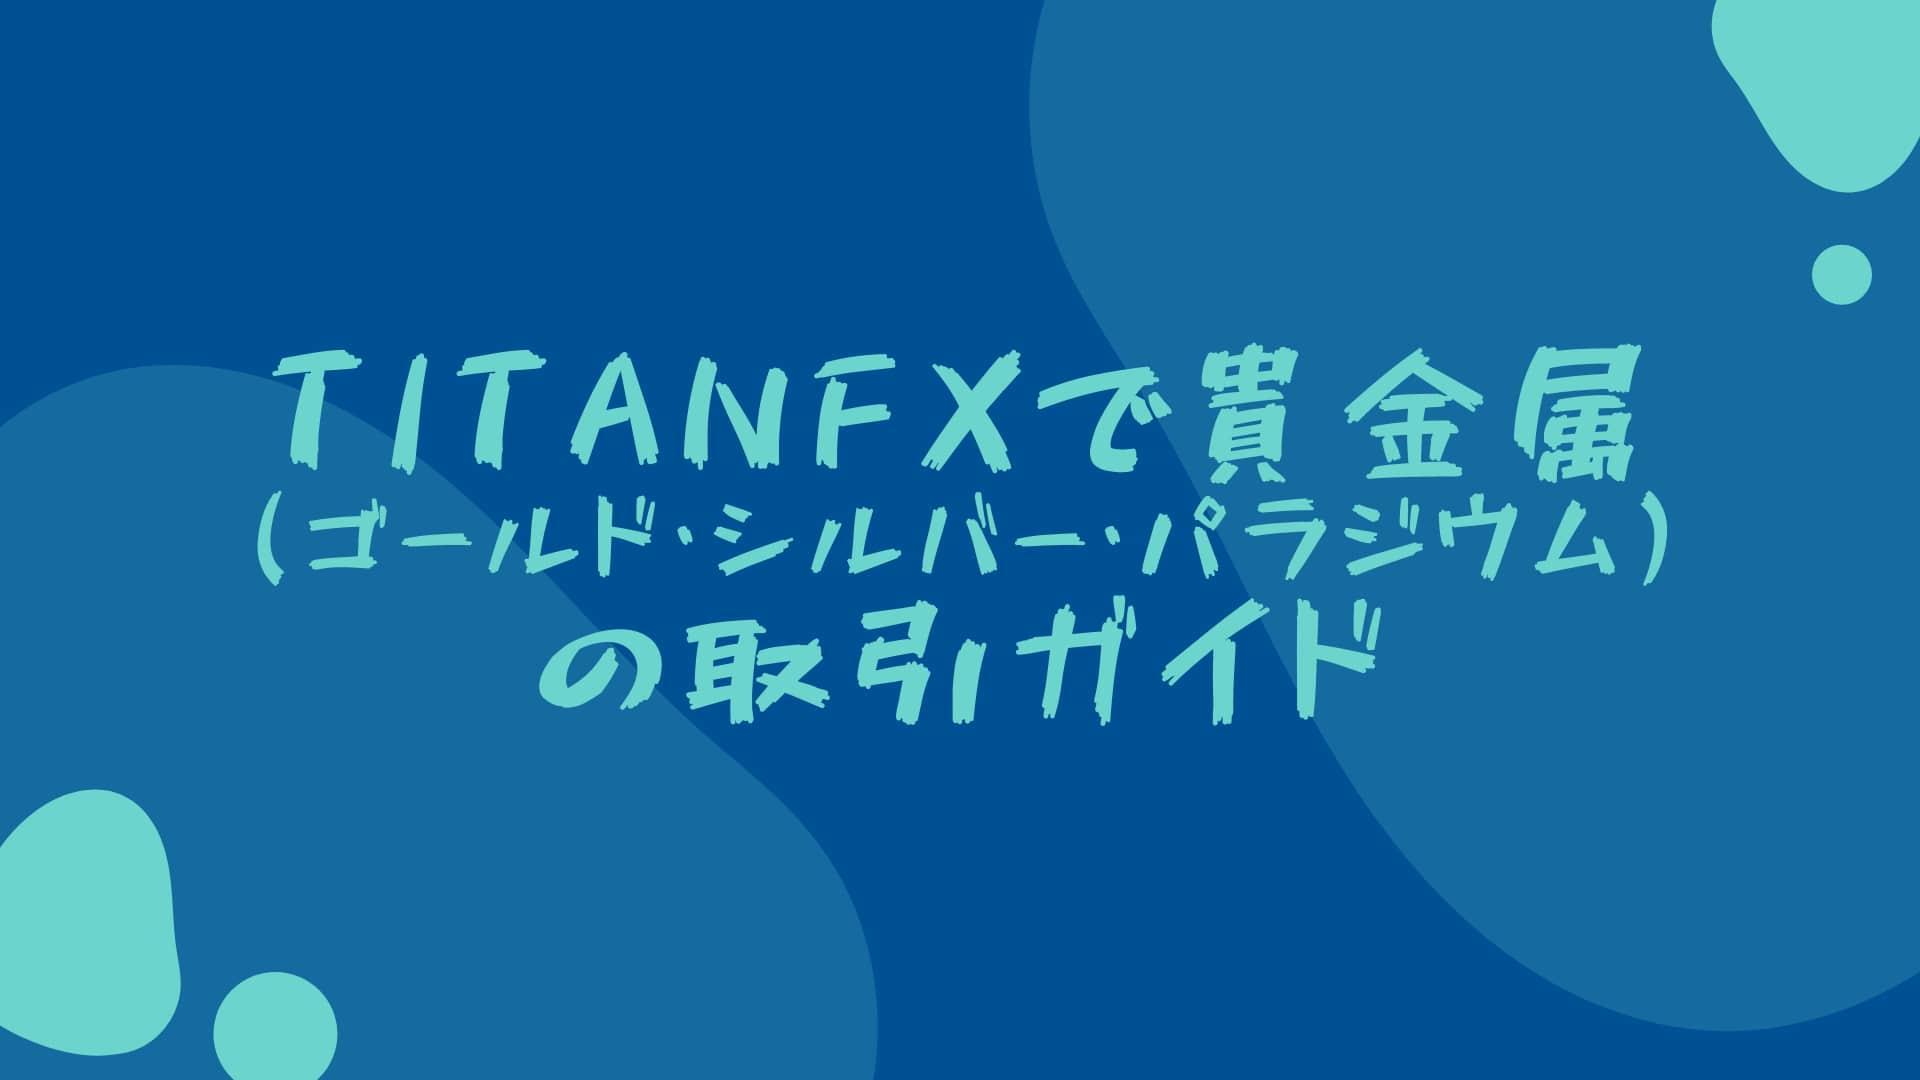 TitanFXで貴金属(ゴールド・シルバー・パラジウム)の取引ガイド